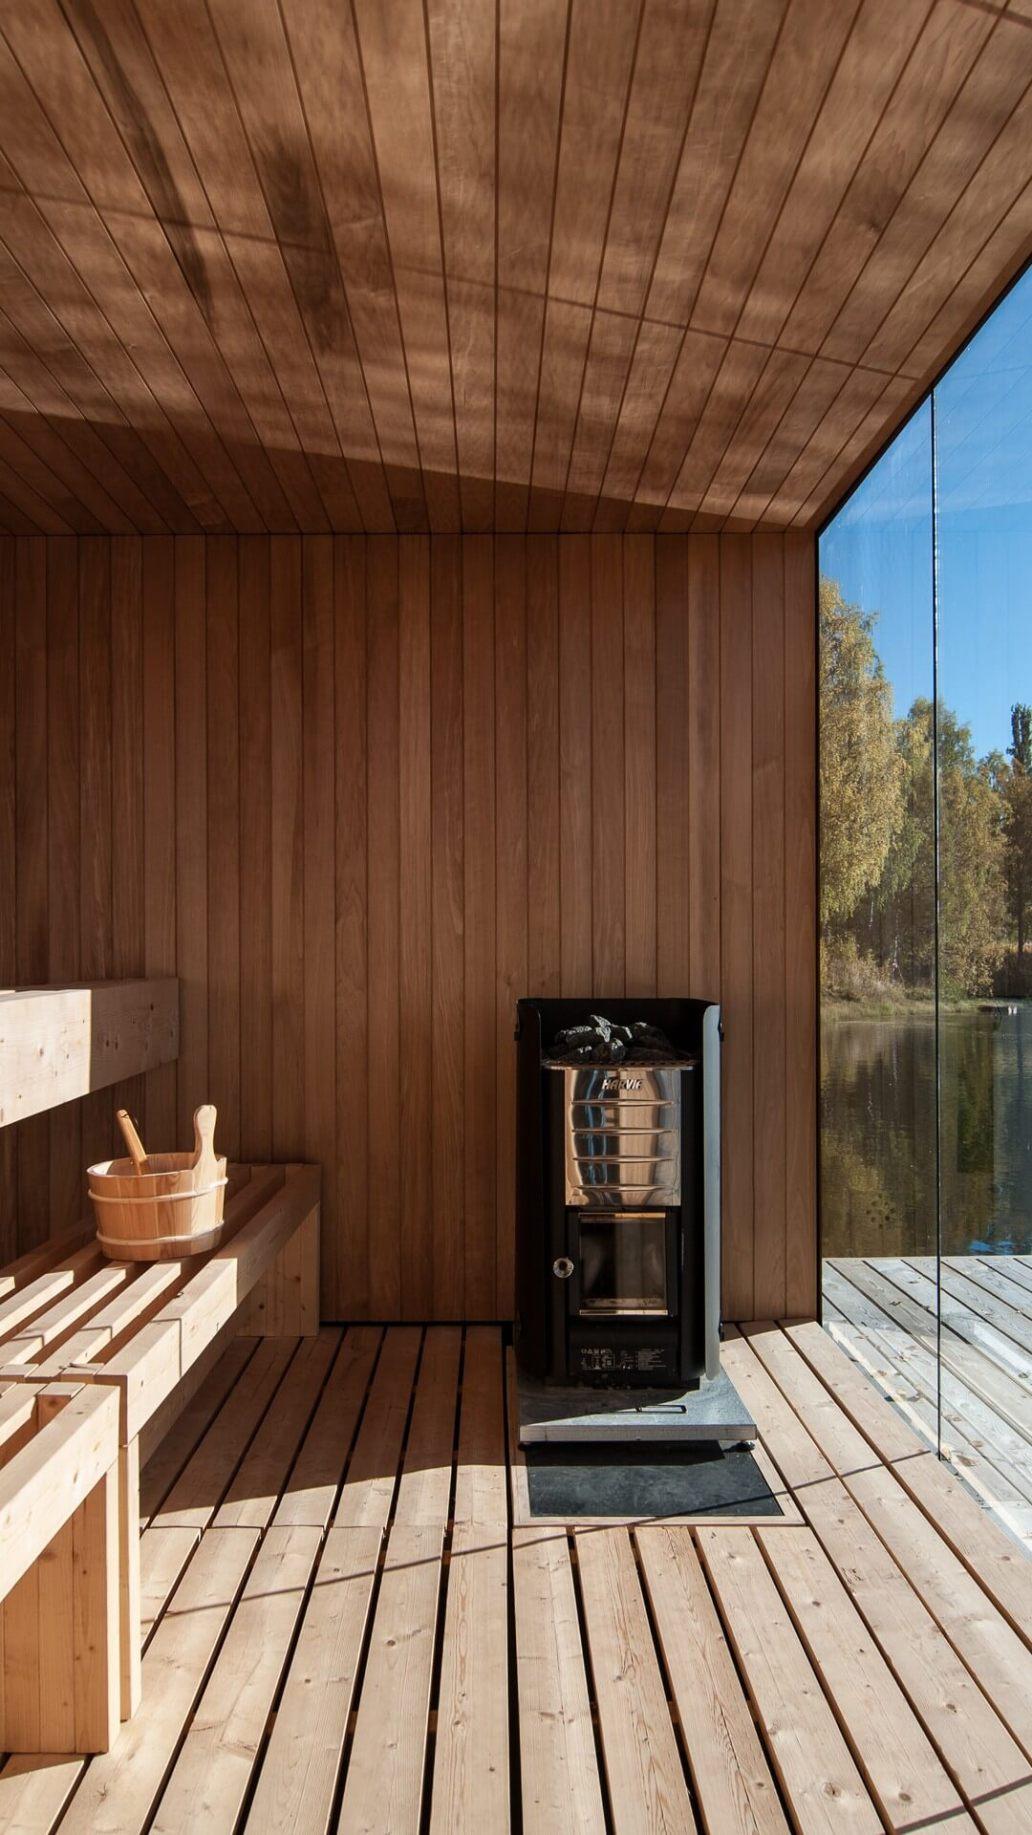 un sauna dans la maison  - Comment aménager un gîte pour le louer ?